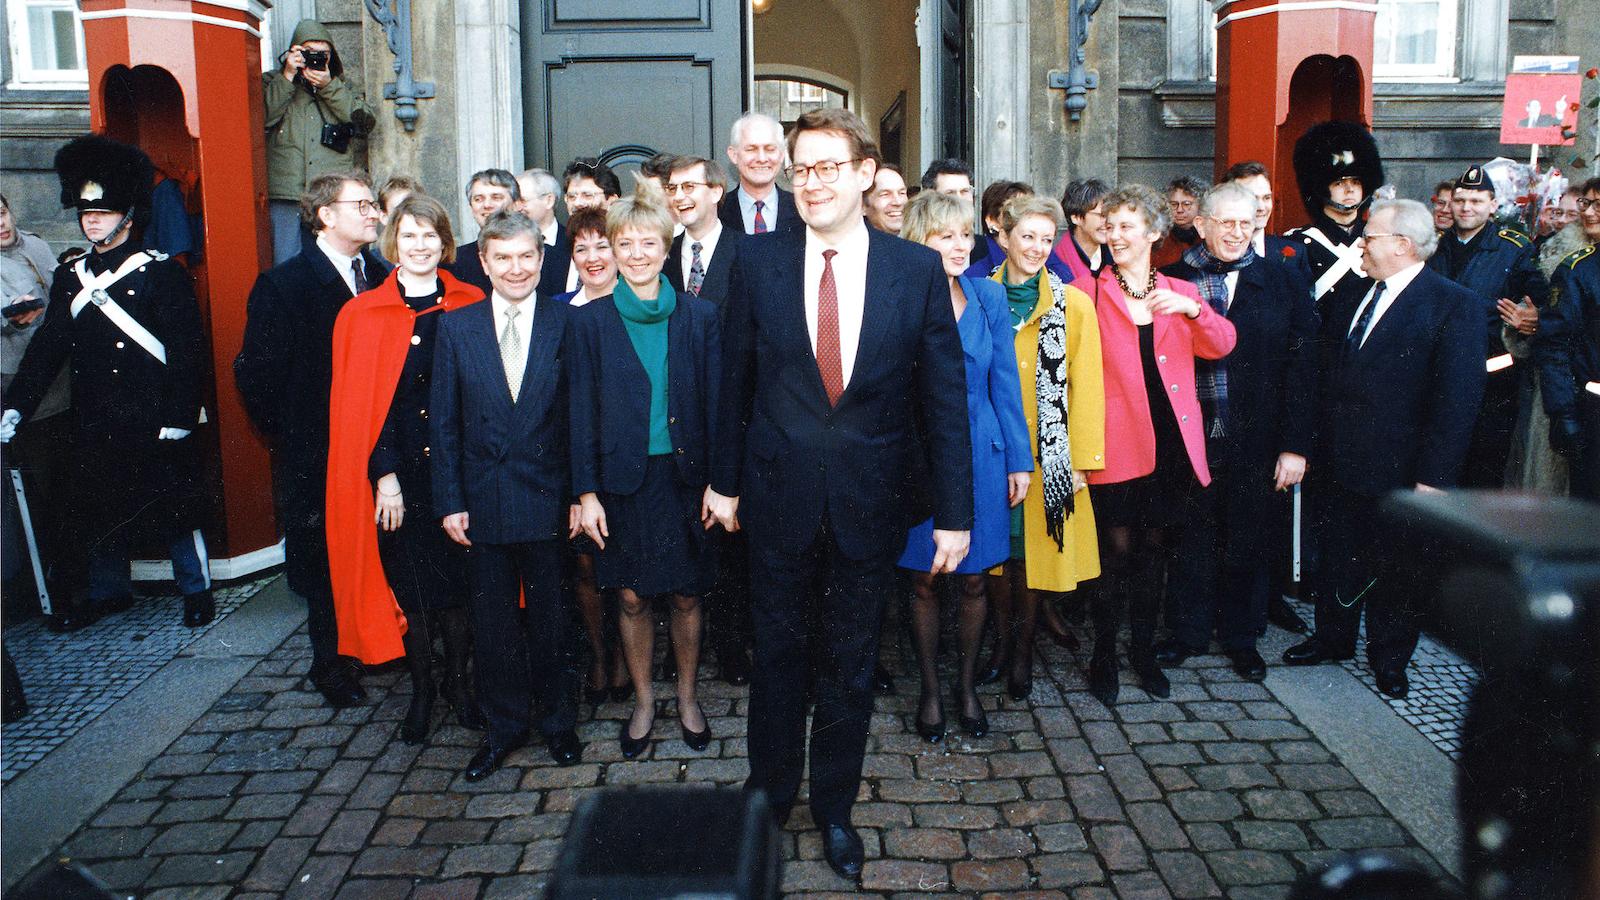 Dags dato: Nyrup præsenterer sin regering (25. januar 1993)